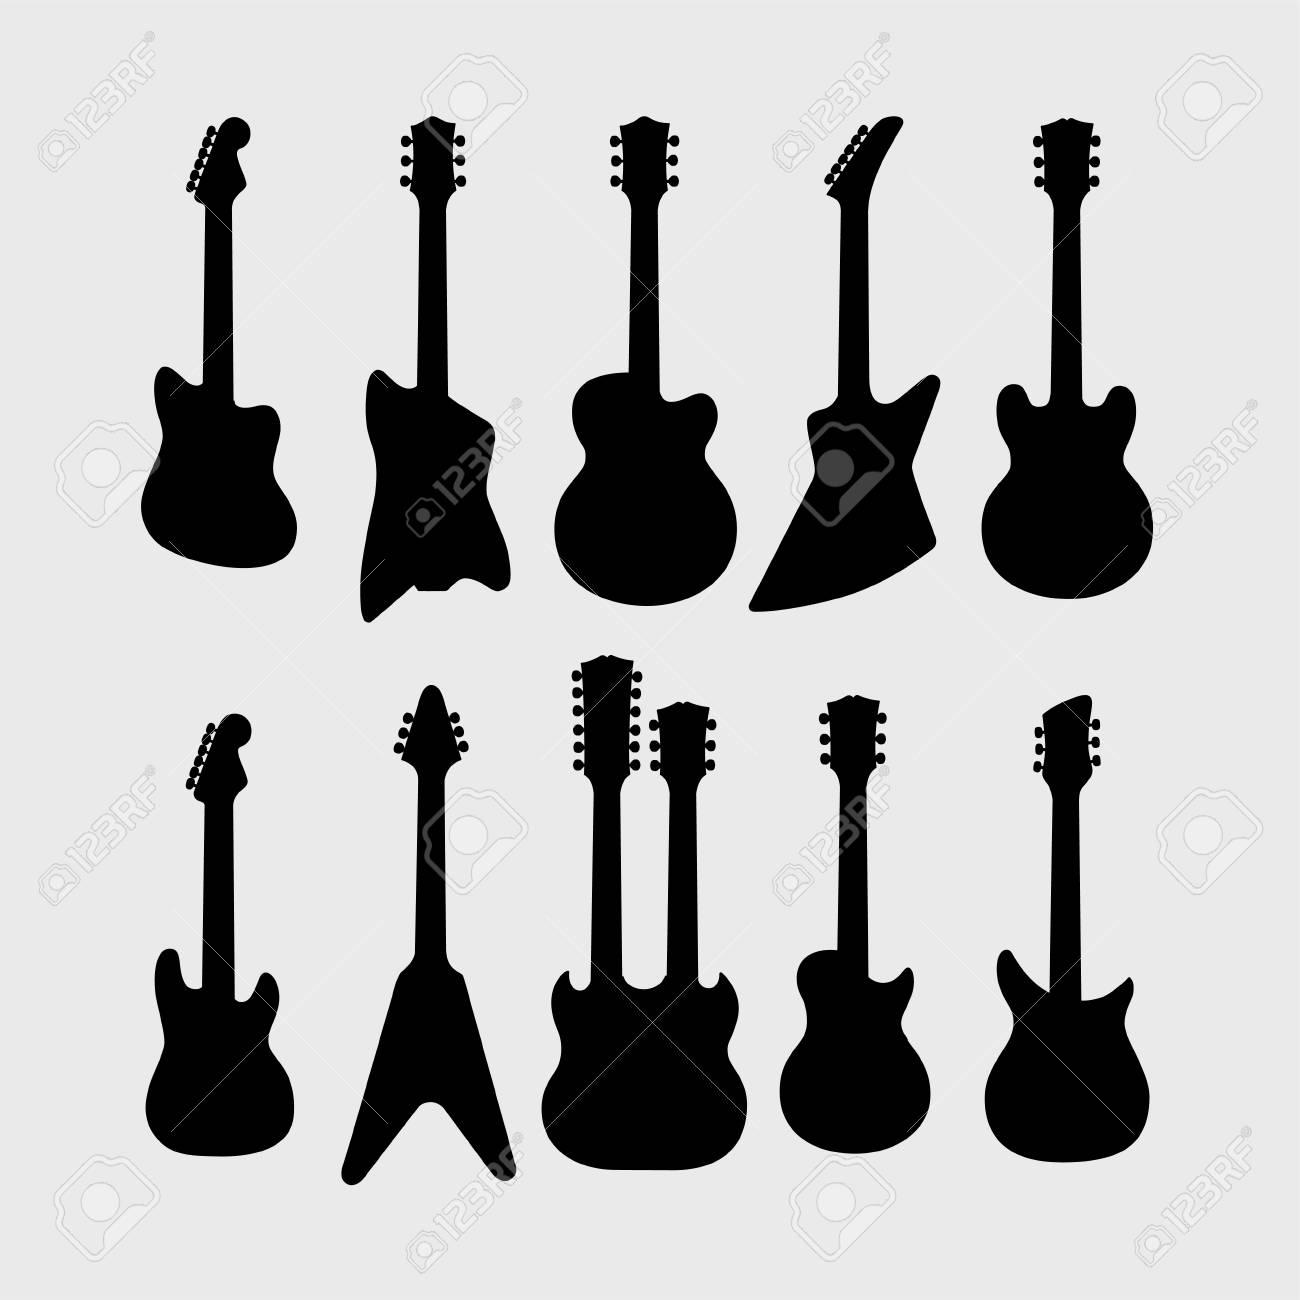 エレキギター イラスト